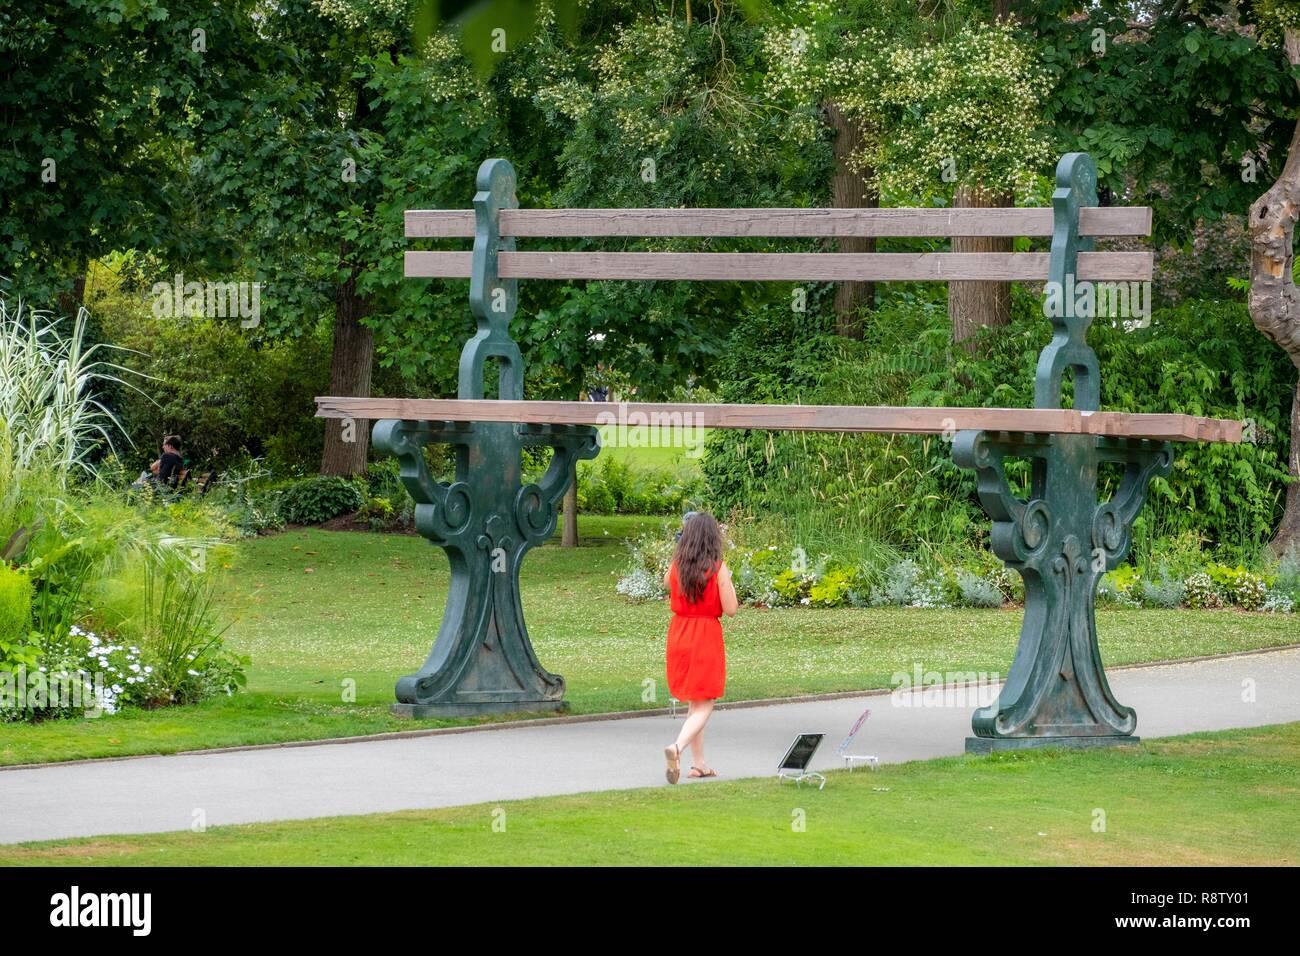 France, Loire Atlantique, Nantes, le Jardin des Plantes, le banc ...